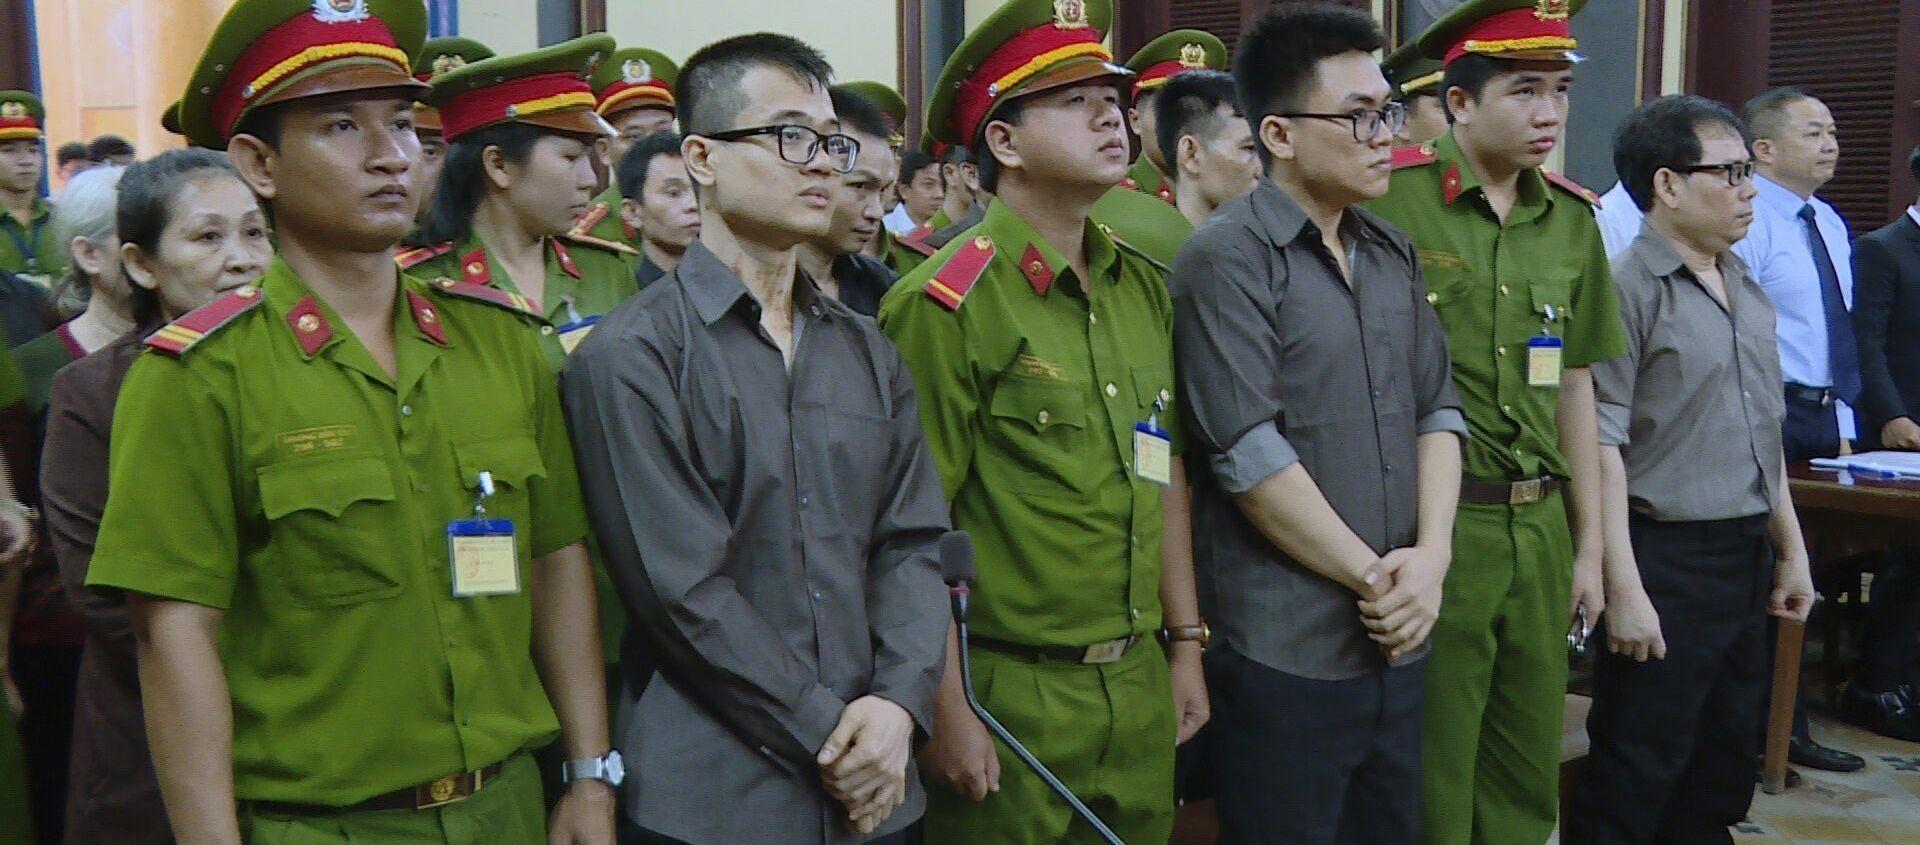 Các bị cáo tại phiên tòa ngày 21/8/2018. - Sputnik Việt Nam, 1920, 21.08.2018